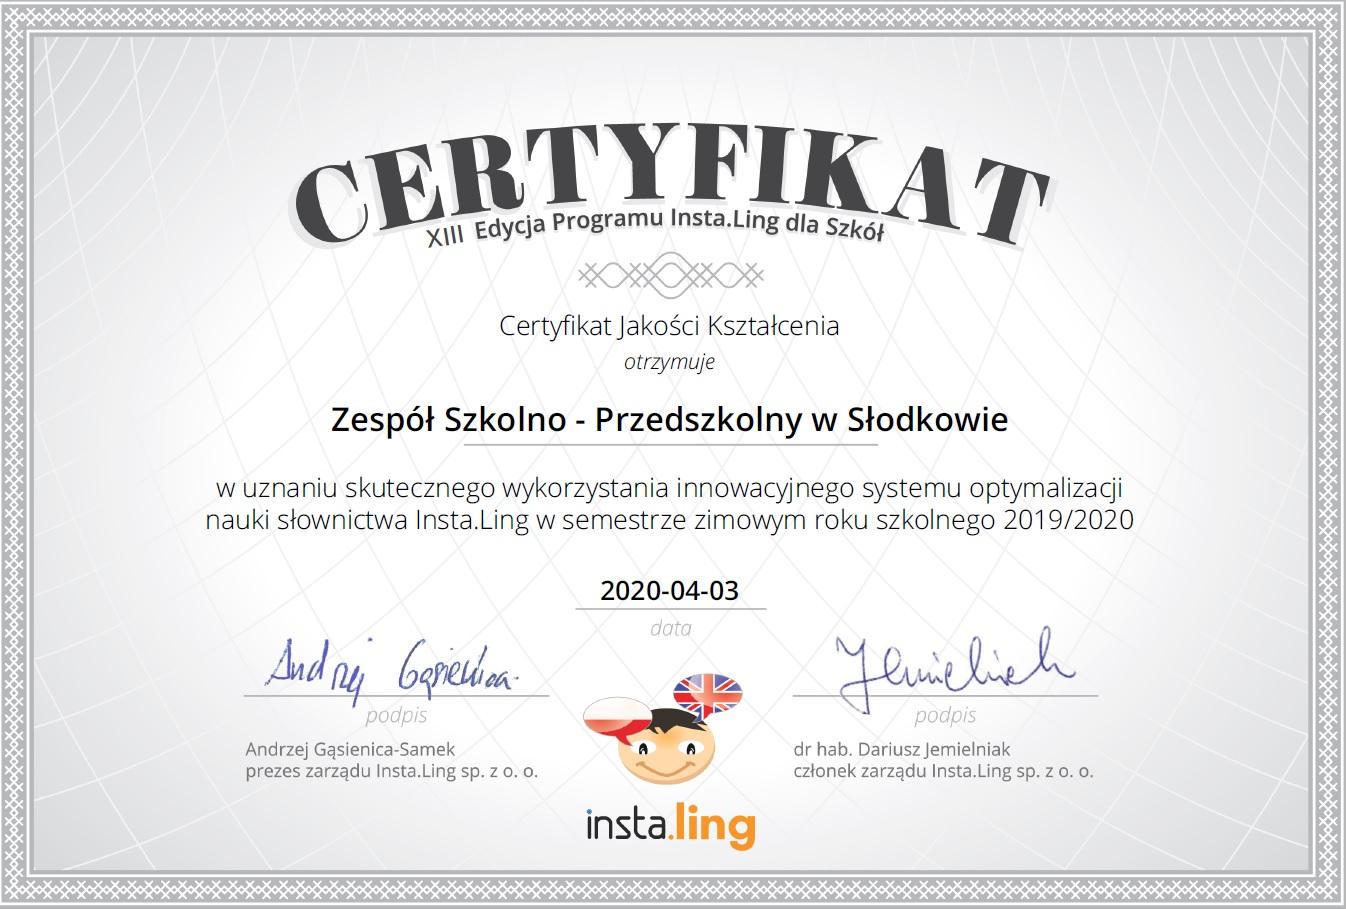 Certyfikat za udział w Programie Insta.Ling.